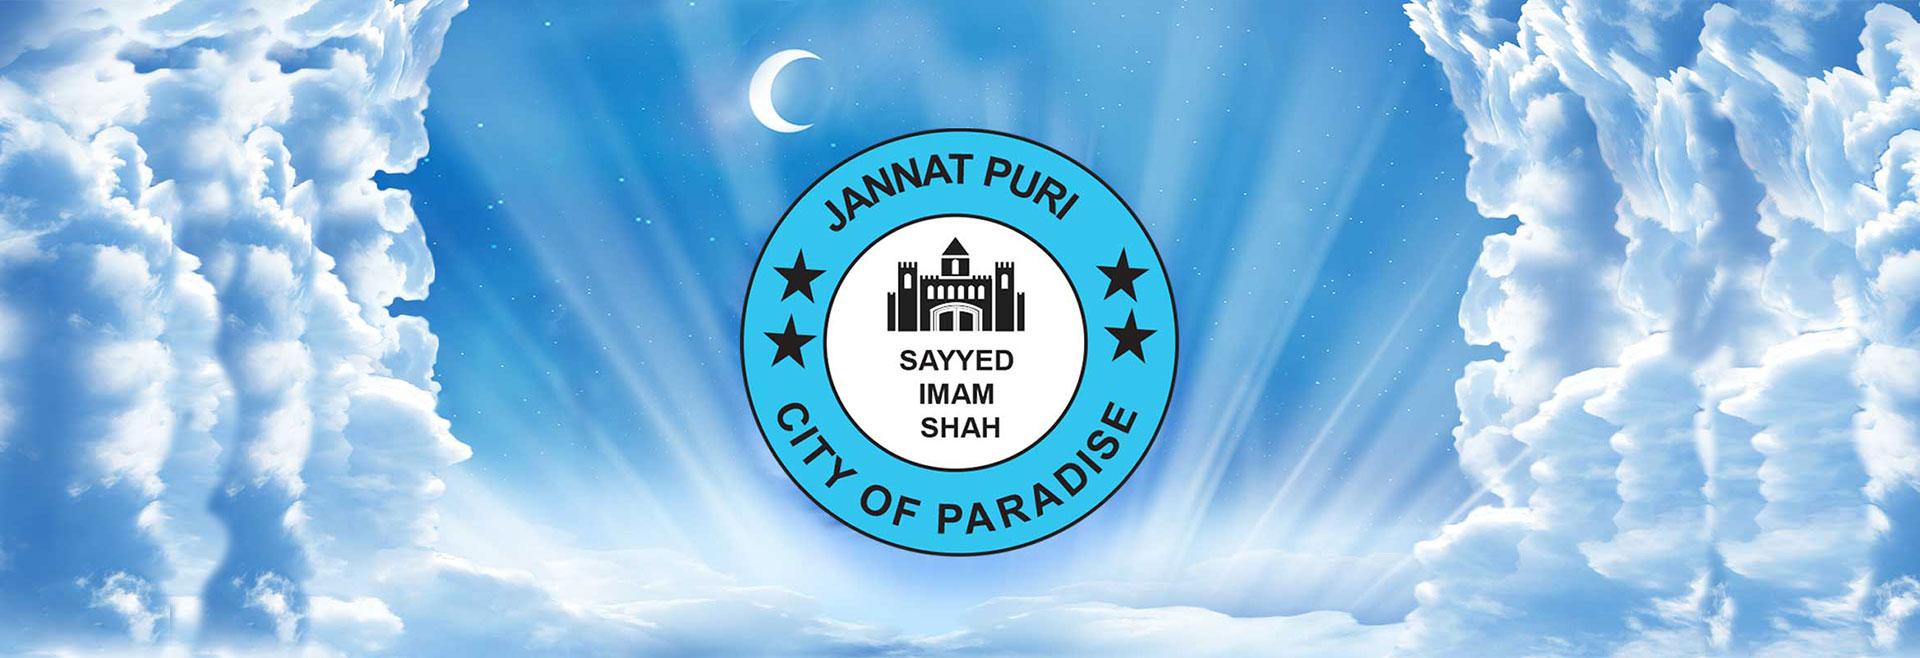 Jannat Puri